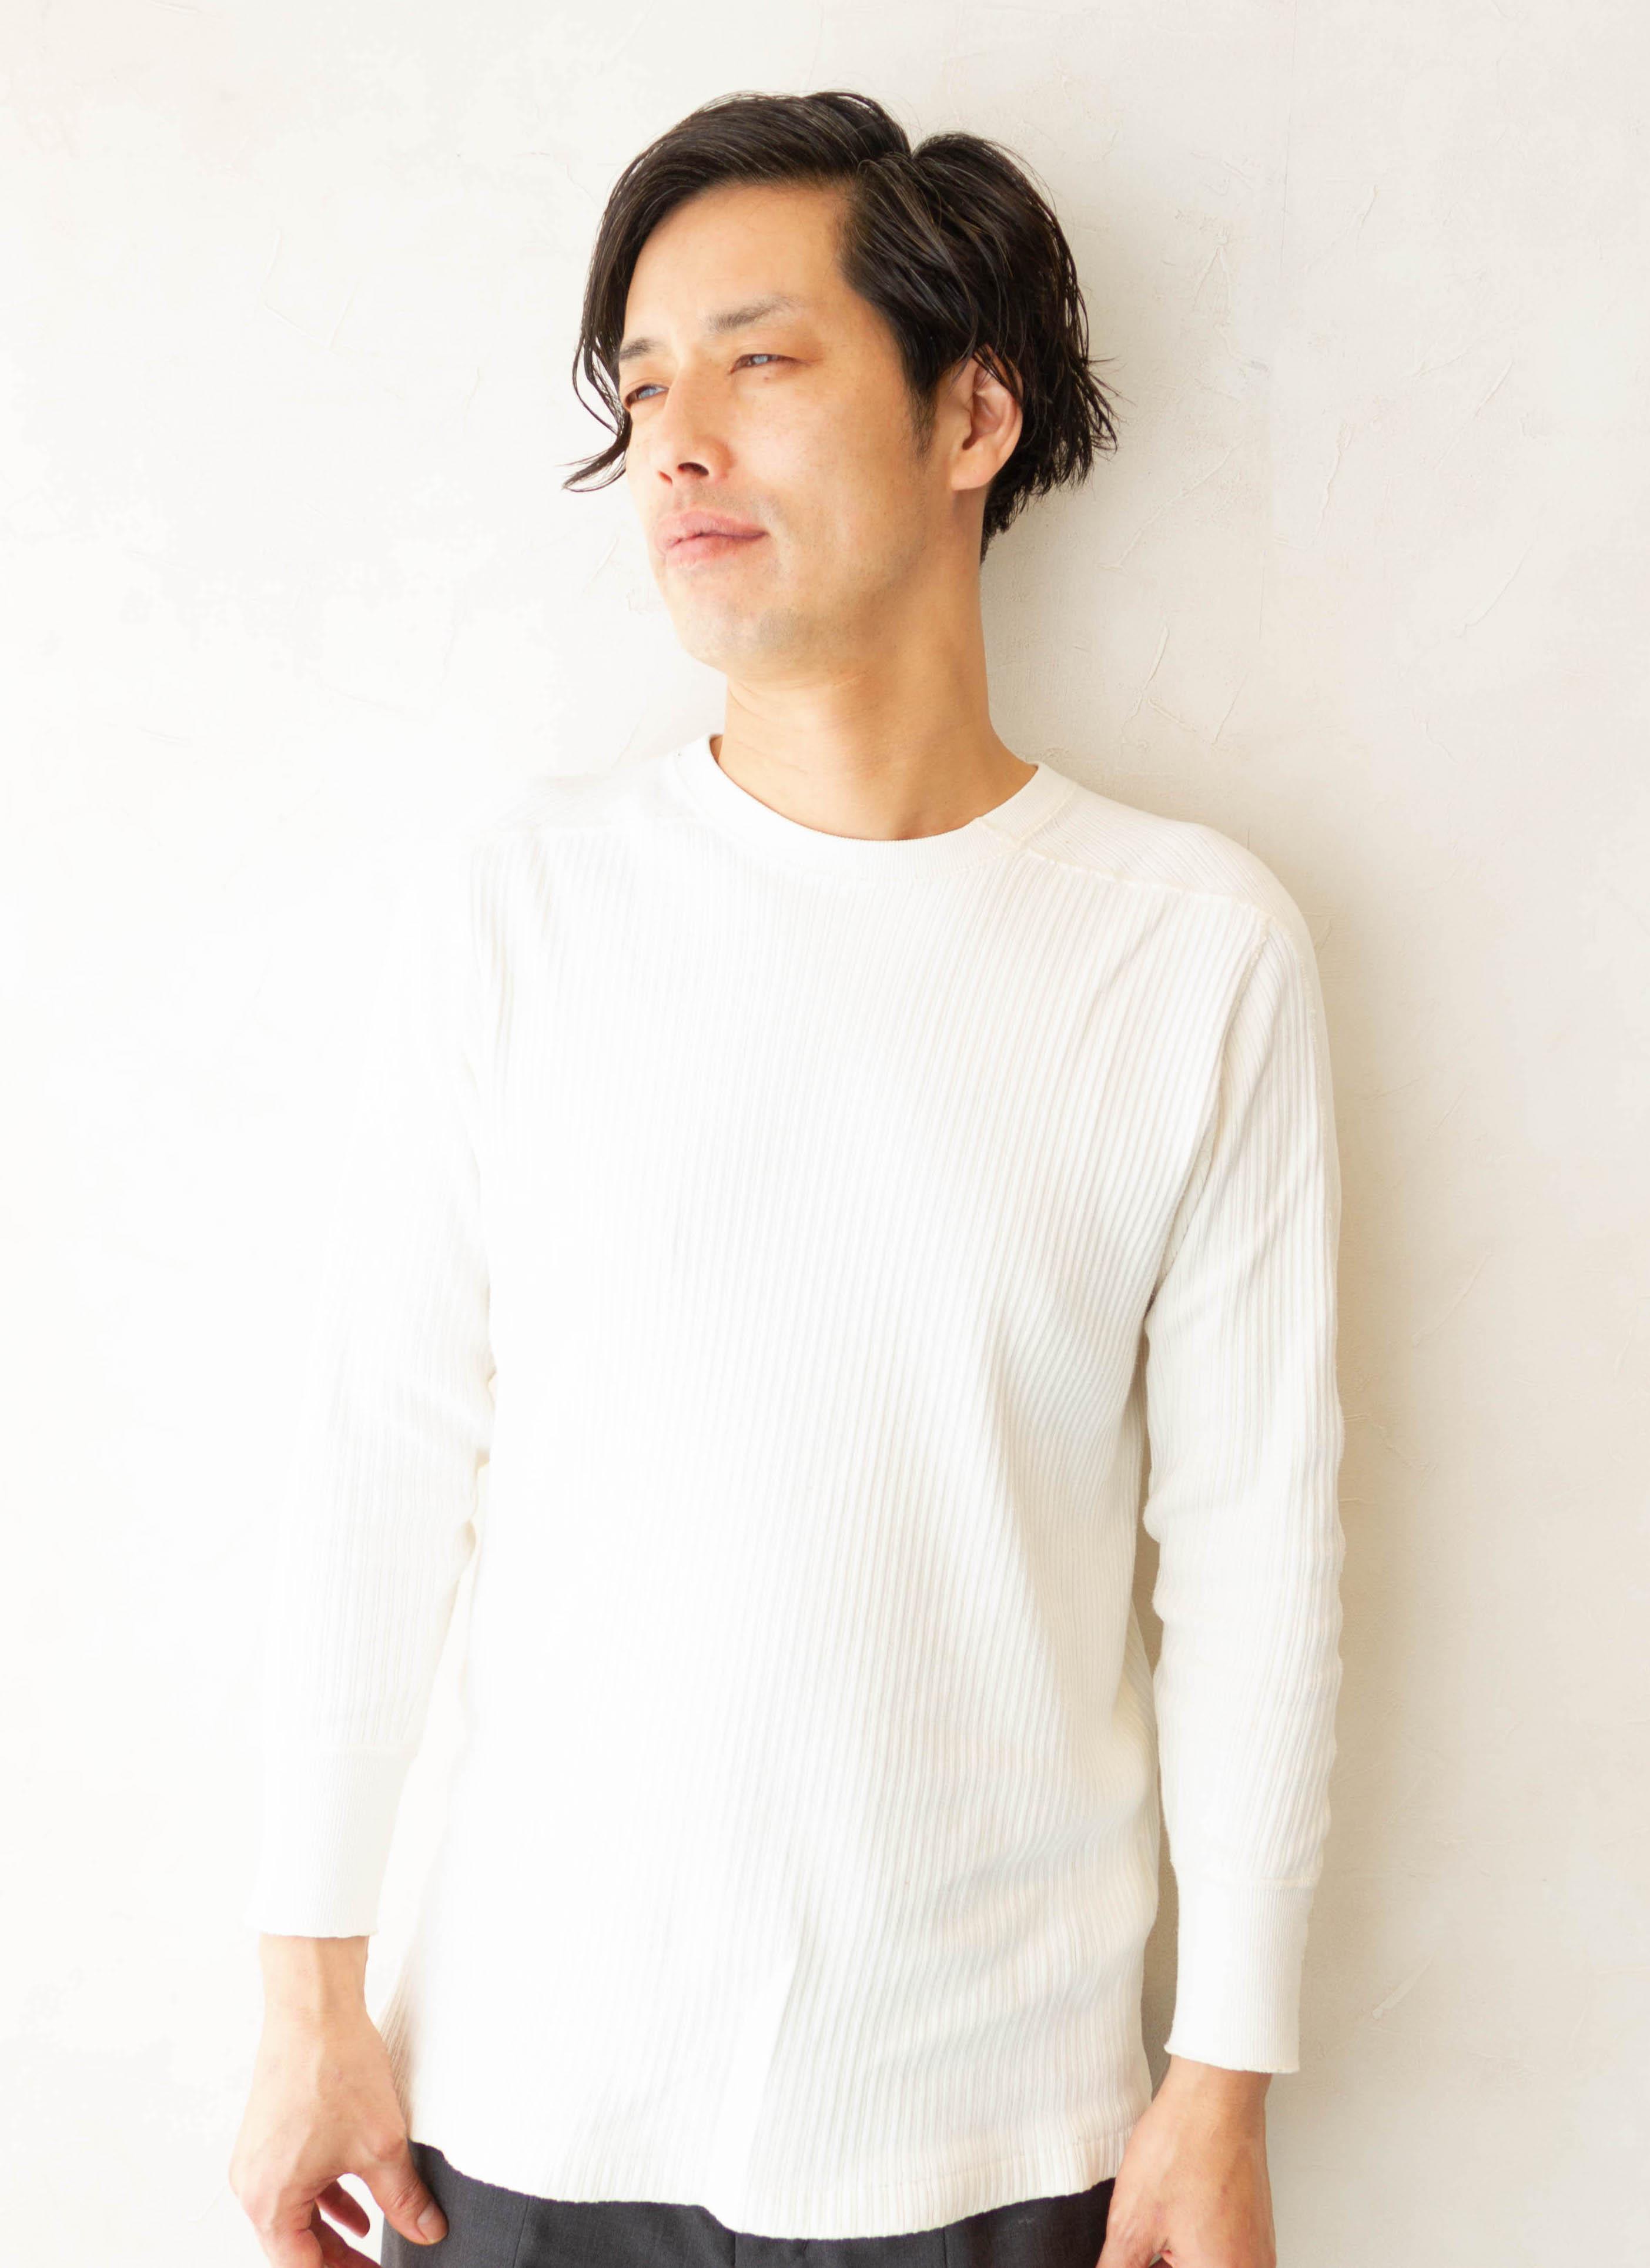 加藤 秀章